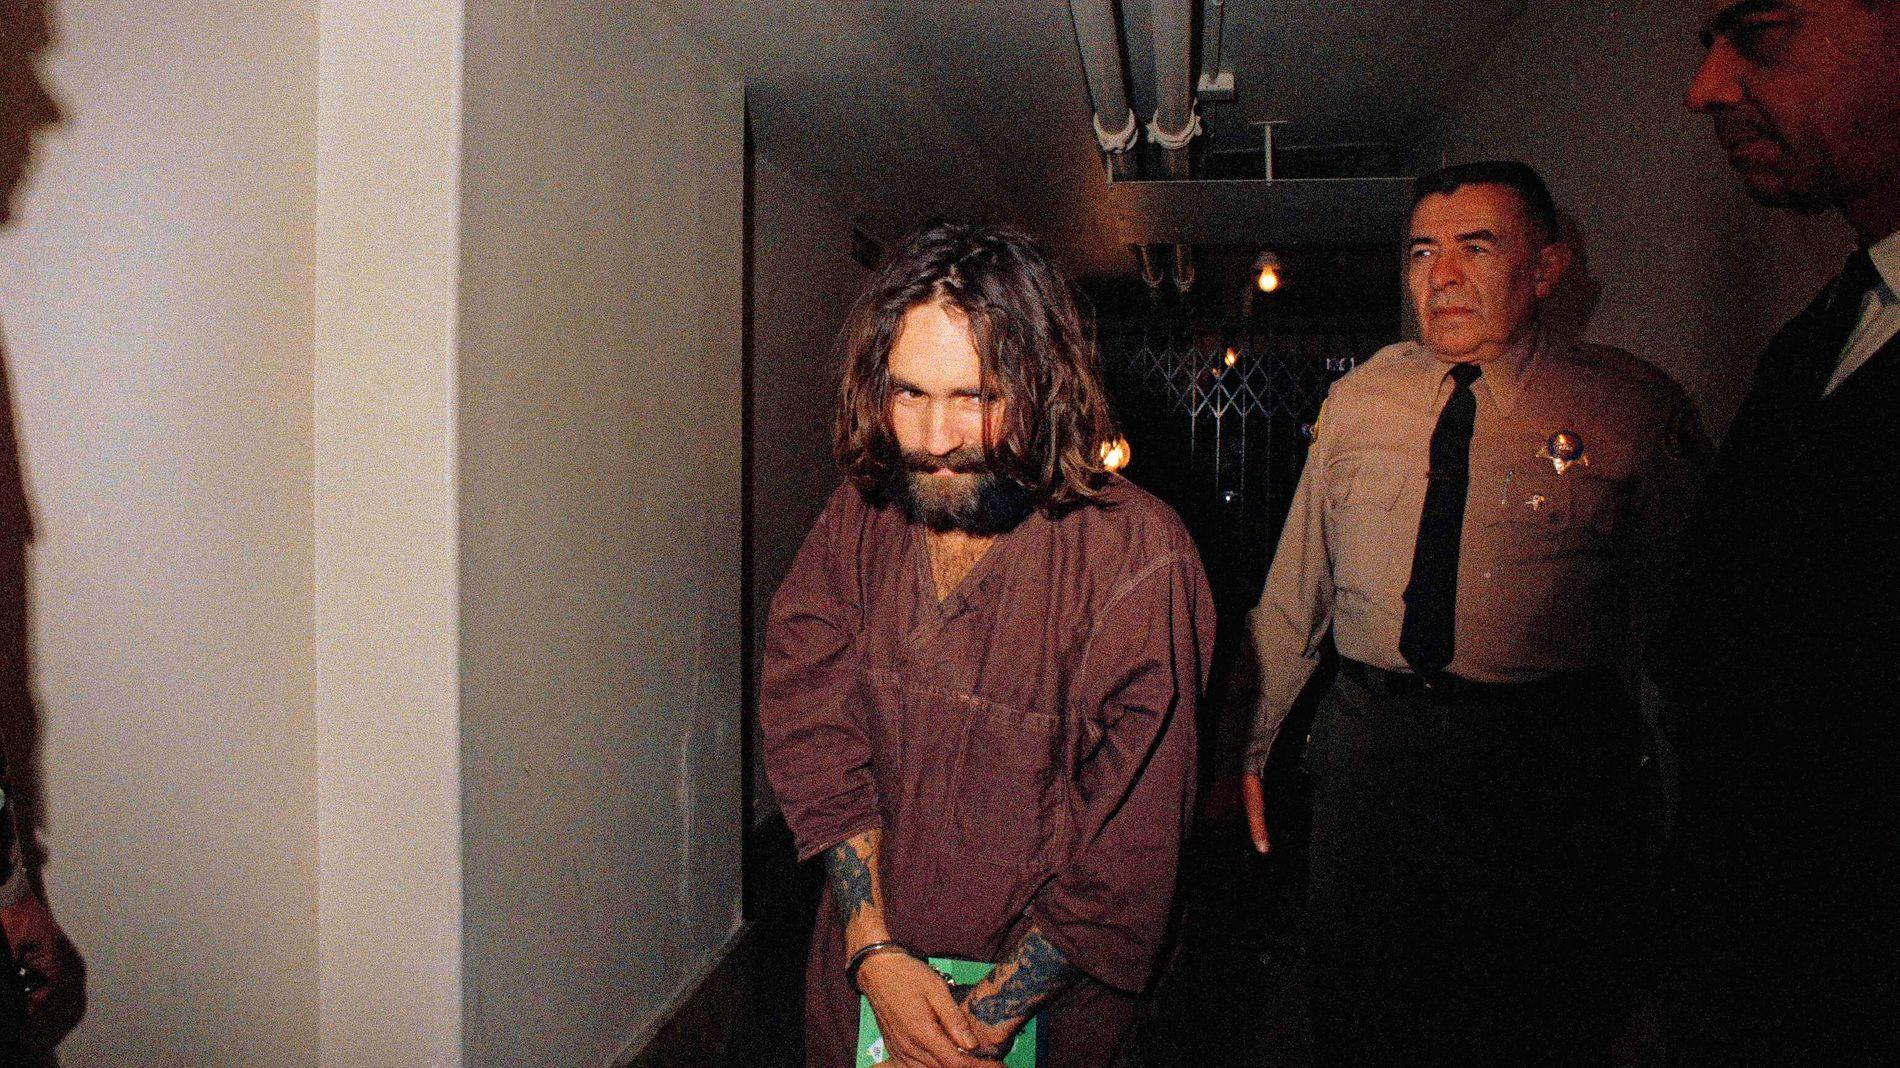 LEDEREN: Charles Manson døde i fengsel i 2017. Han sonet en livstidsdom for medvirkning til drap.